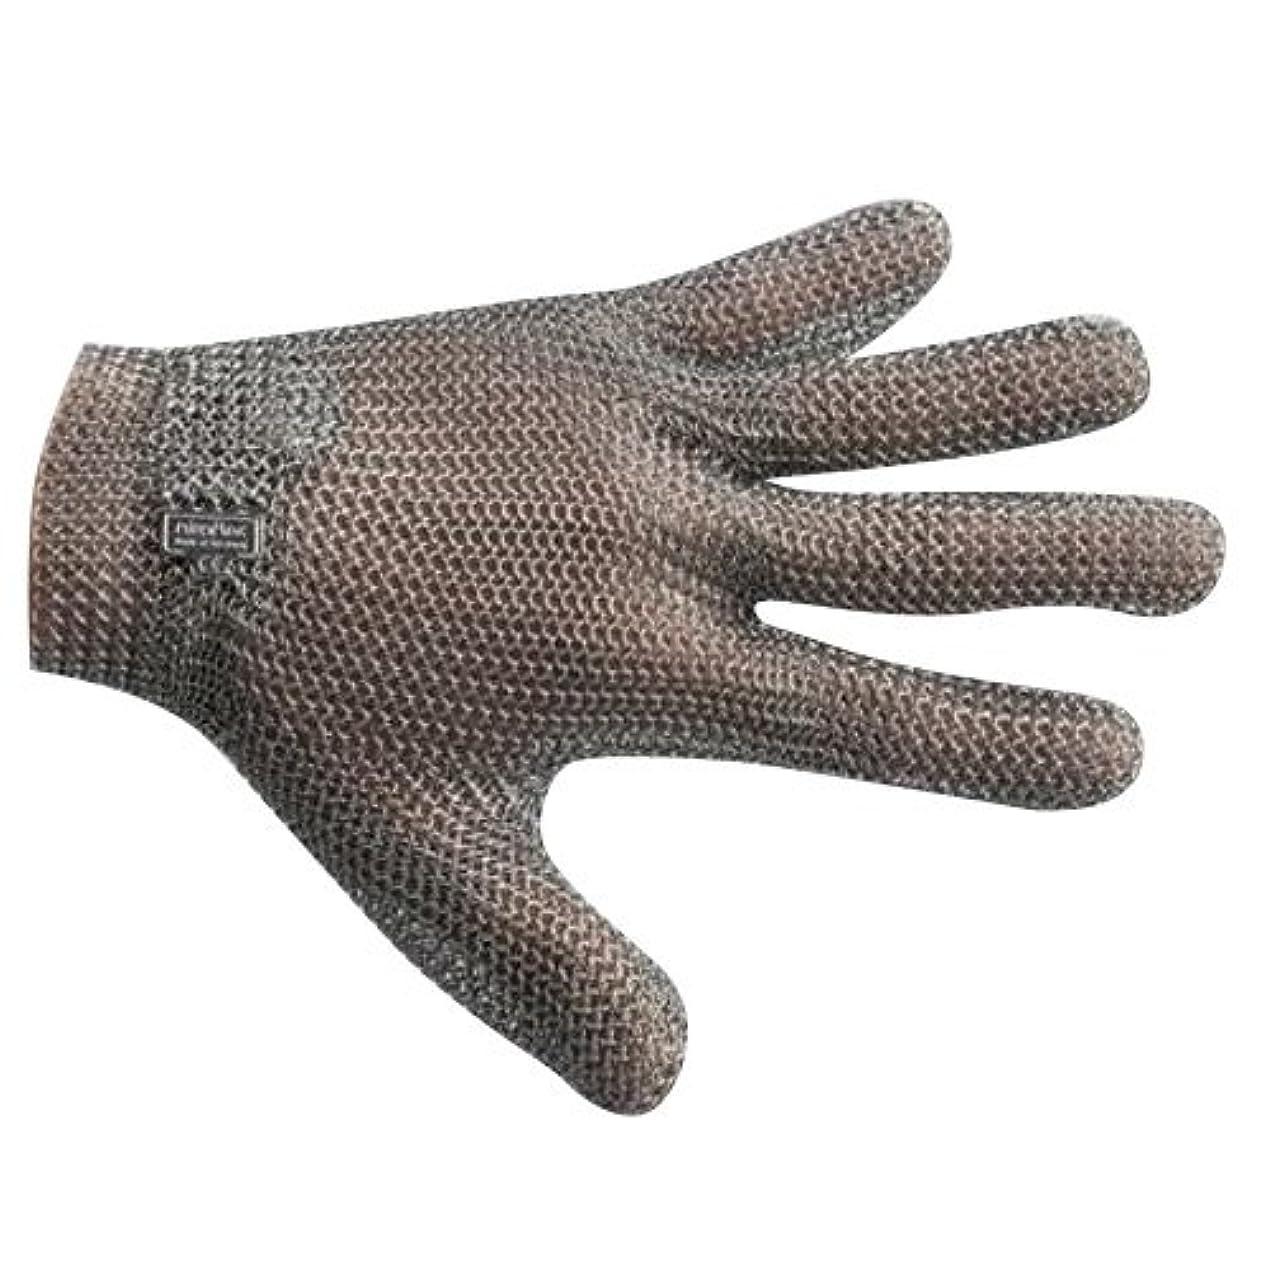 自宅で妻またはどちらか宇都宮製作 GU-2500 ステンレスメッシュ手袋 5本指(左右兼用) S